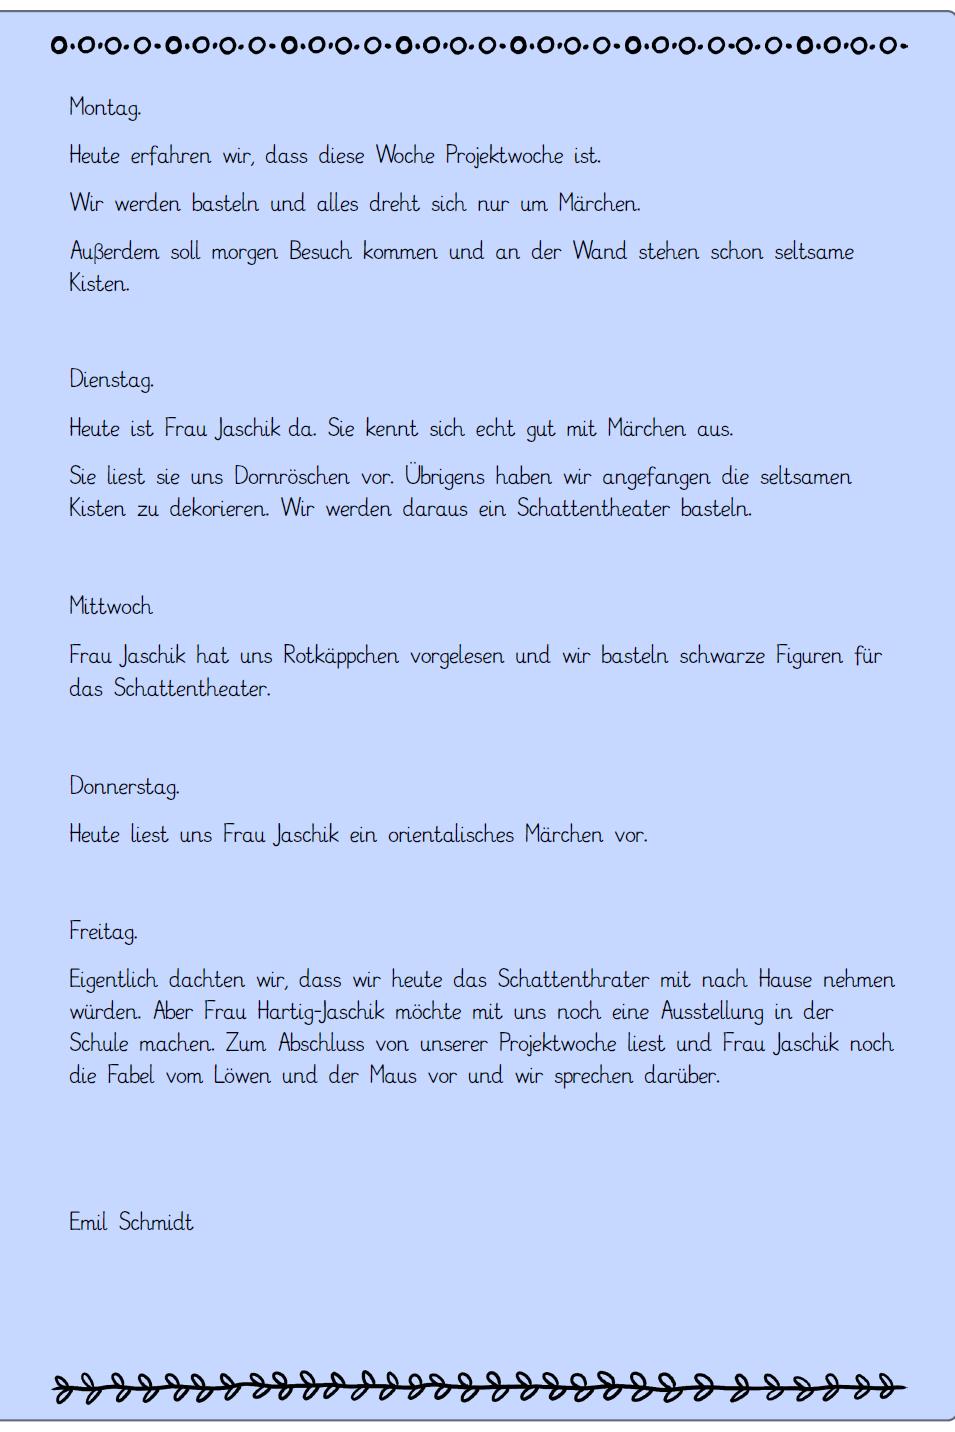 Text_Projektwoche_Jachik_Emil